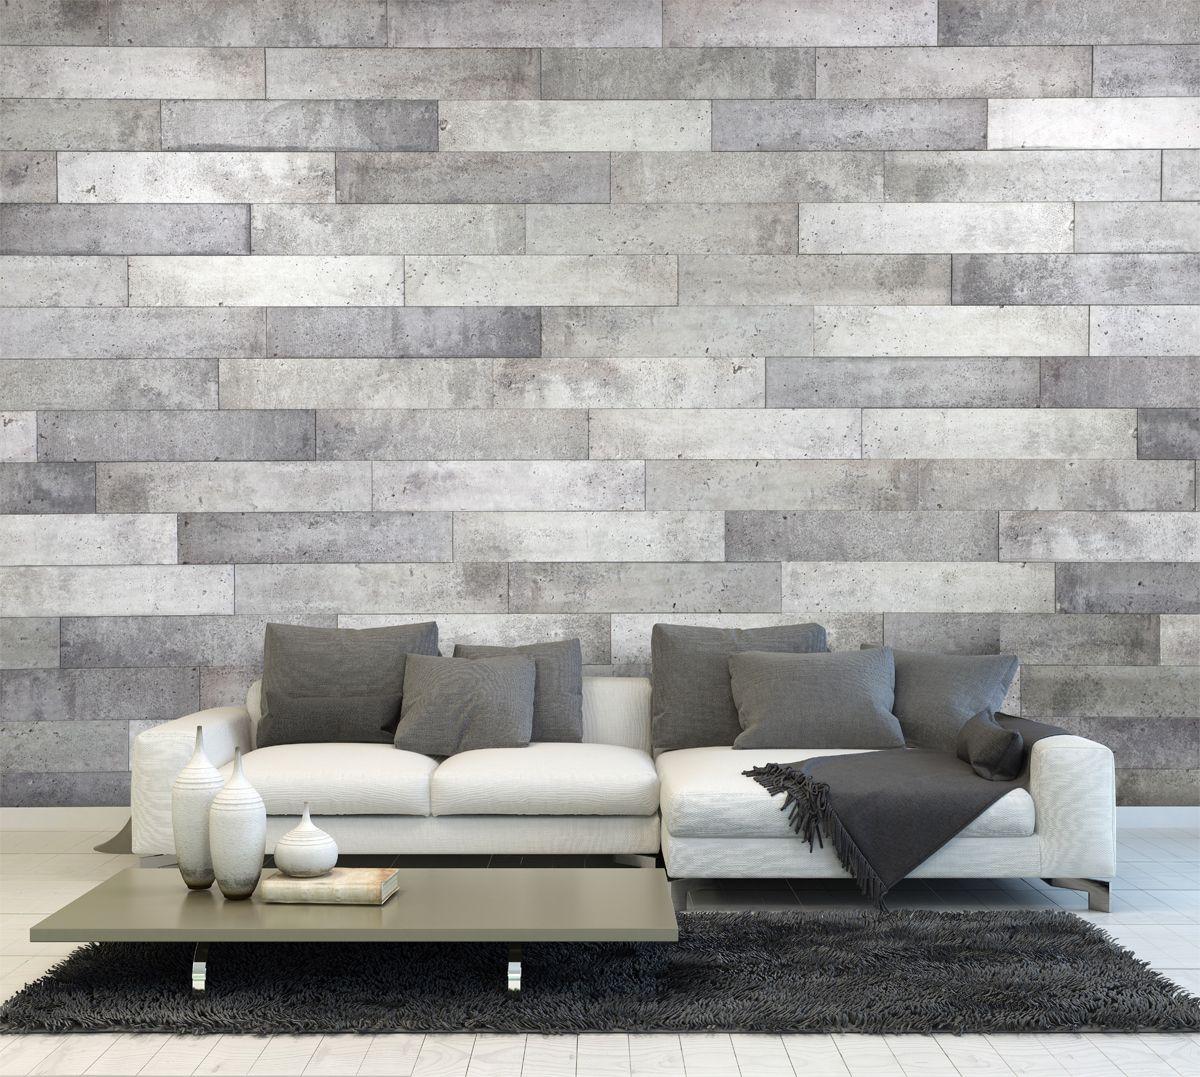 rustique moderne salon pinterest dining area salons and inspiration. Black Bedroom Furniture Sets. Home Design Ideas